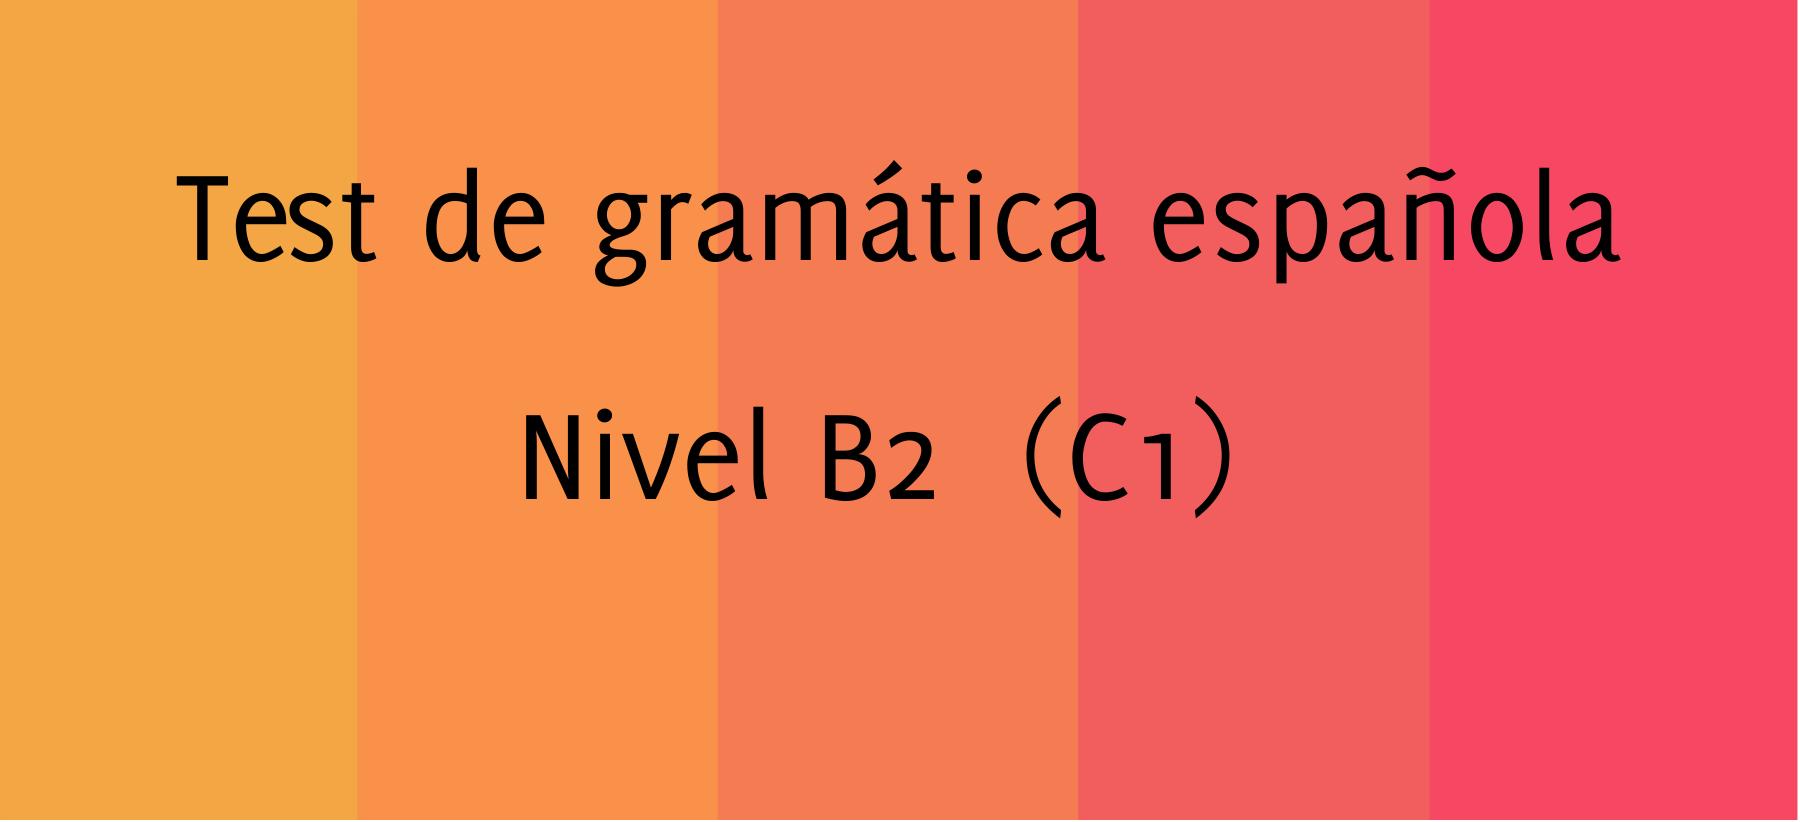 Test de gramática española B2 - C1